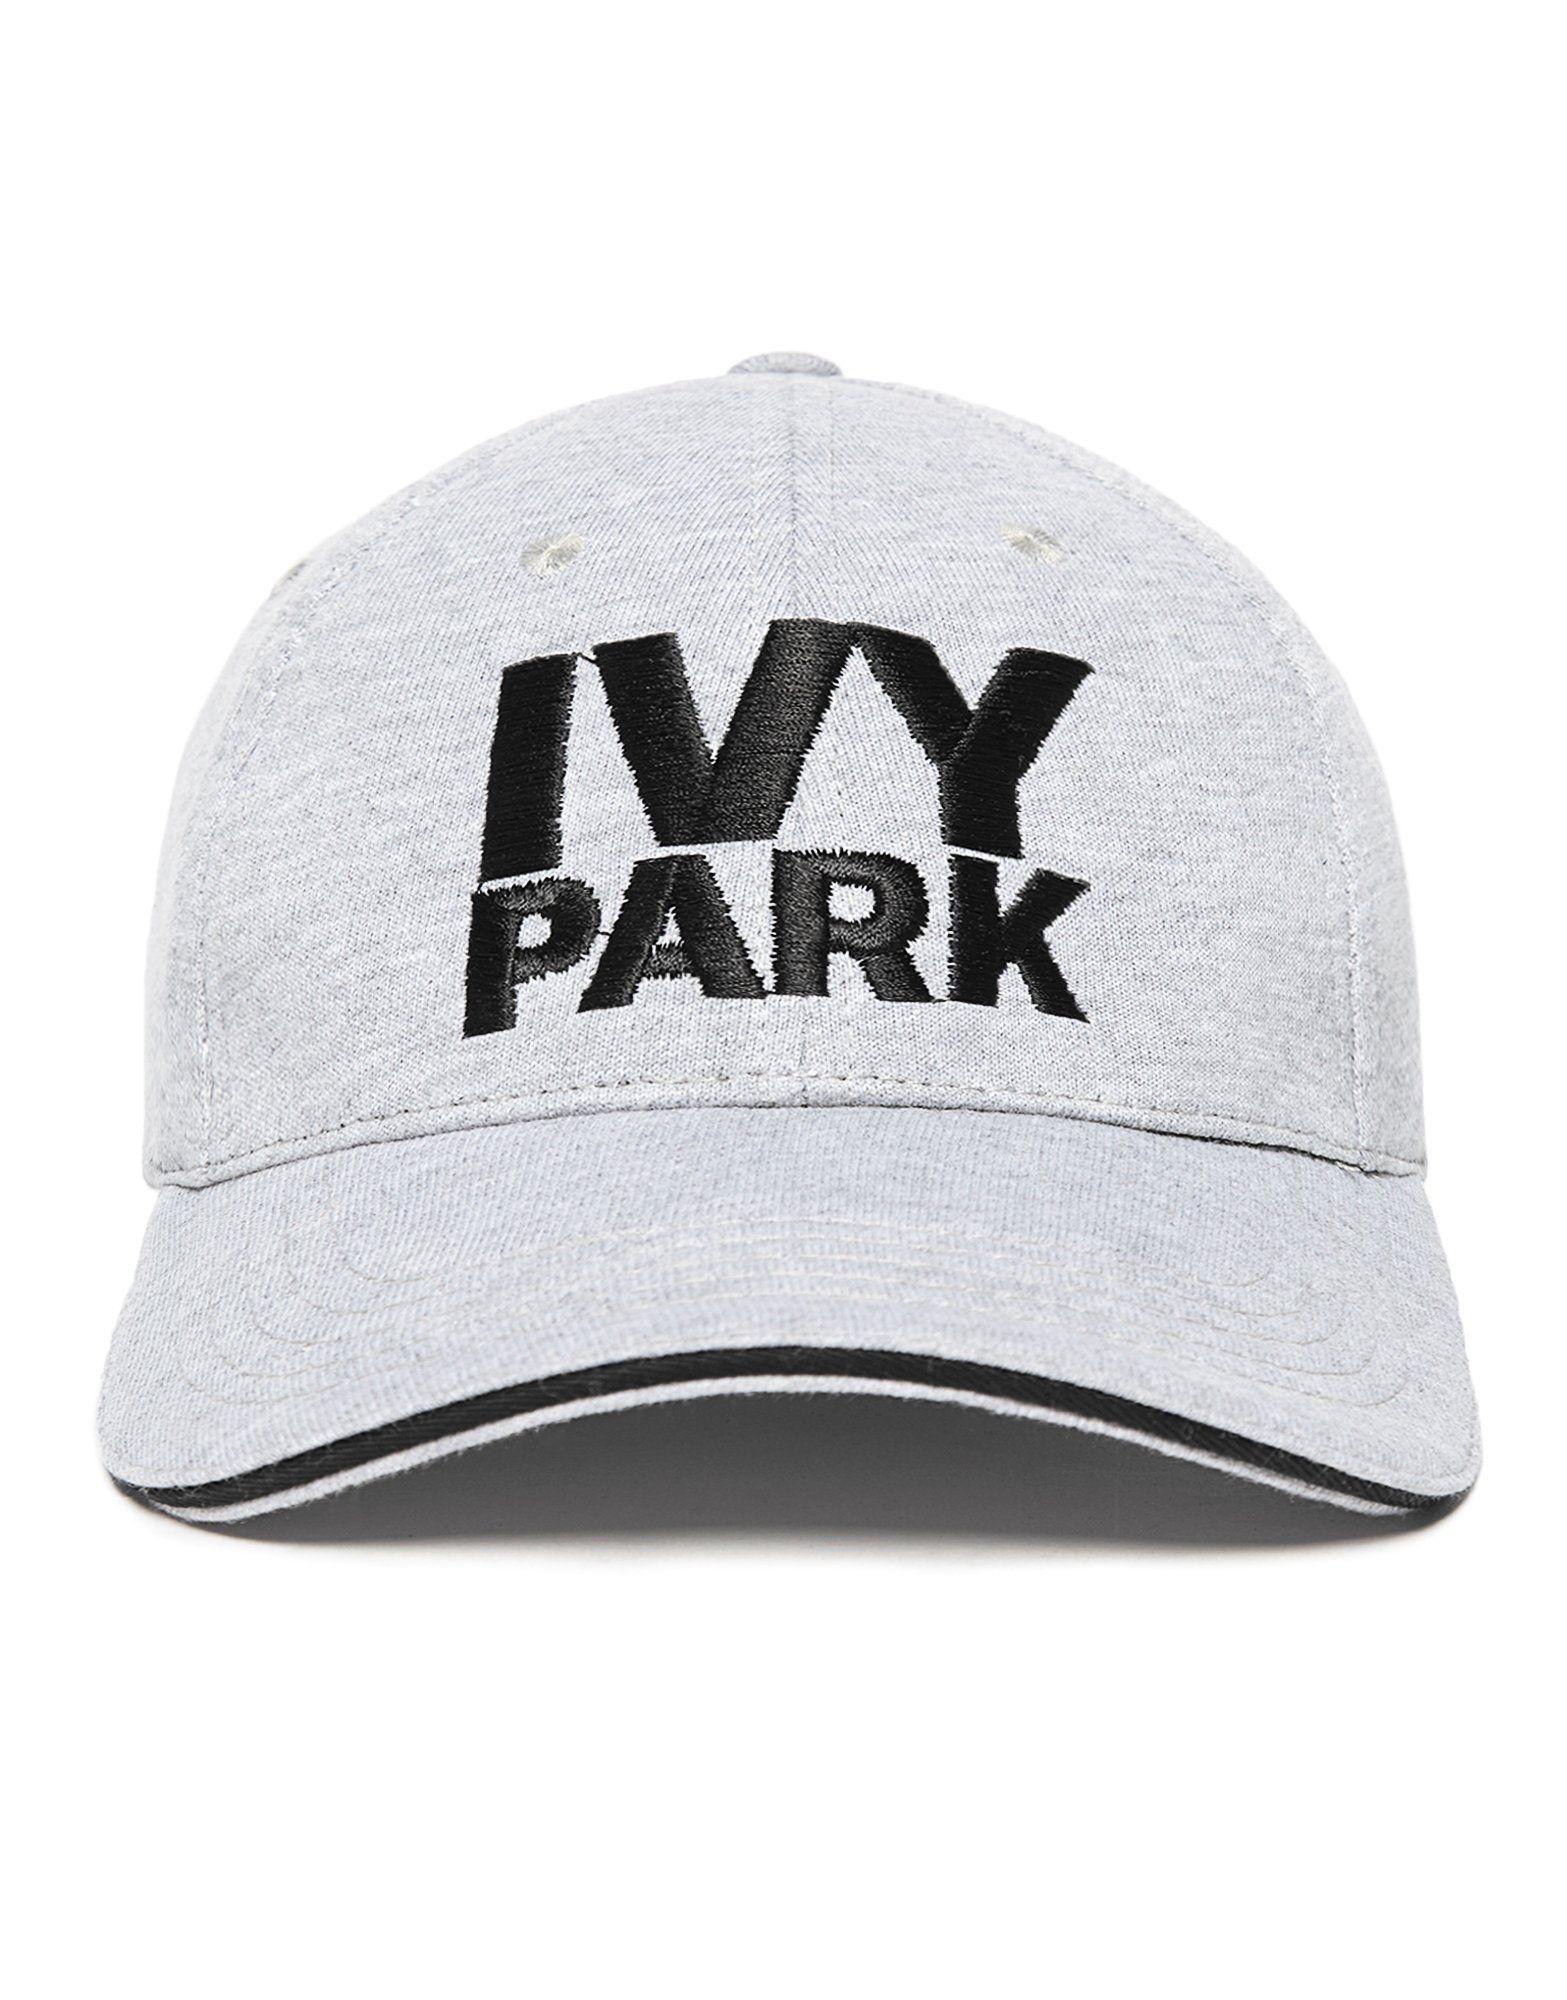 IVY PARK Baseball Cap  fa8cf368c8c